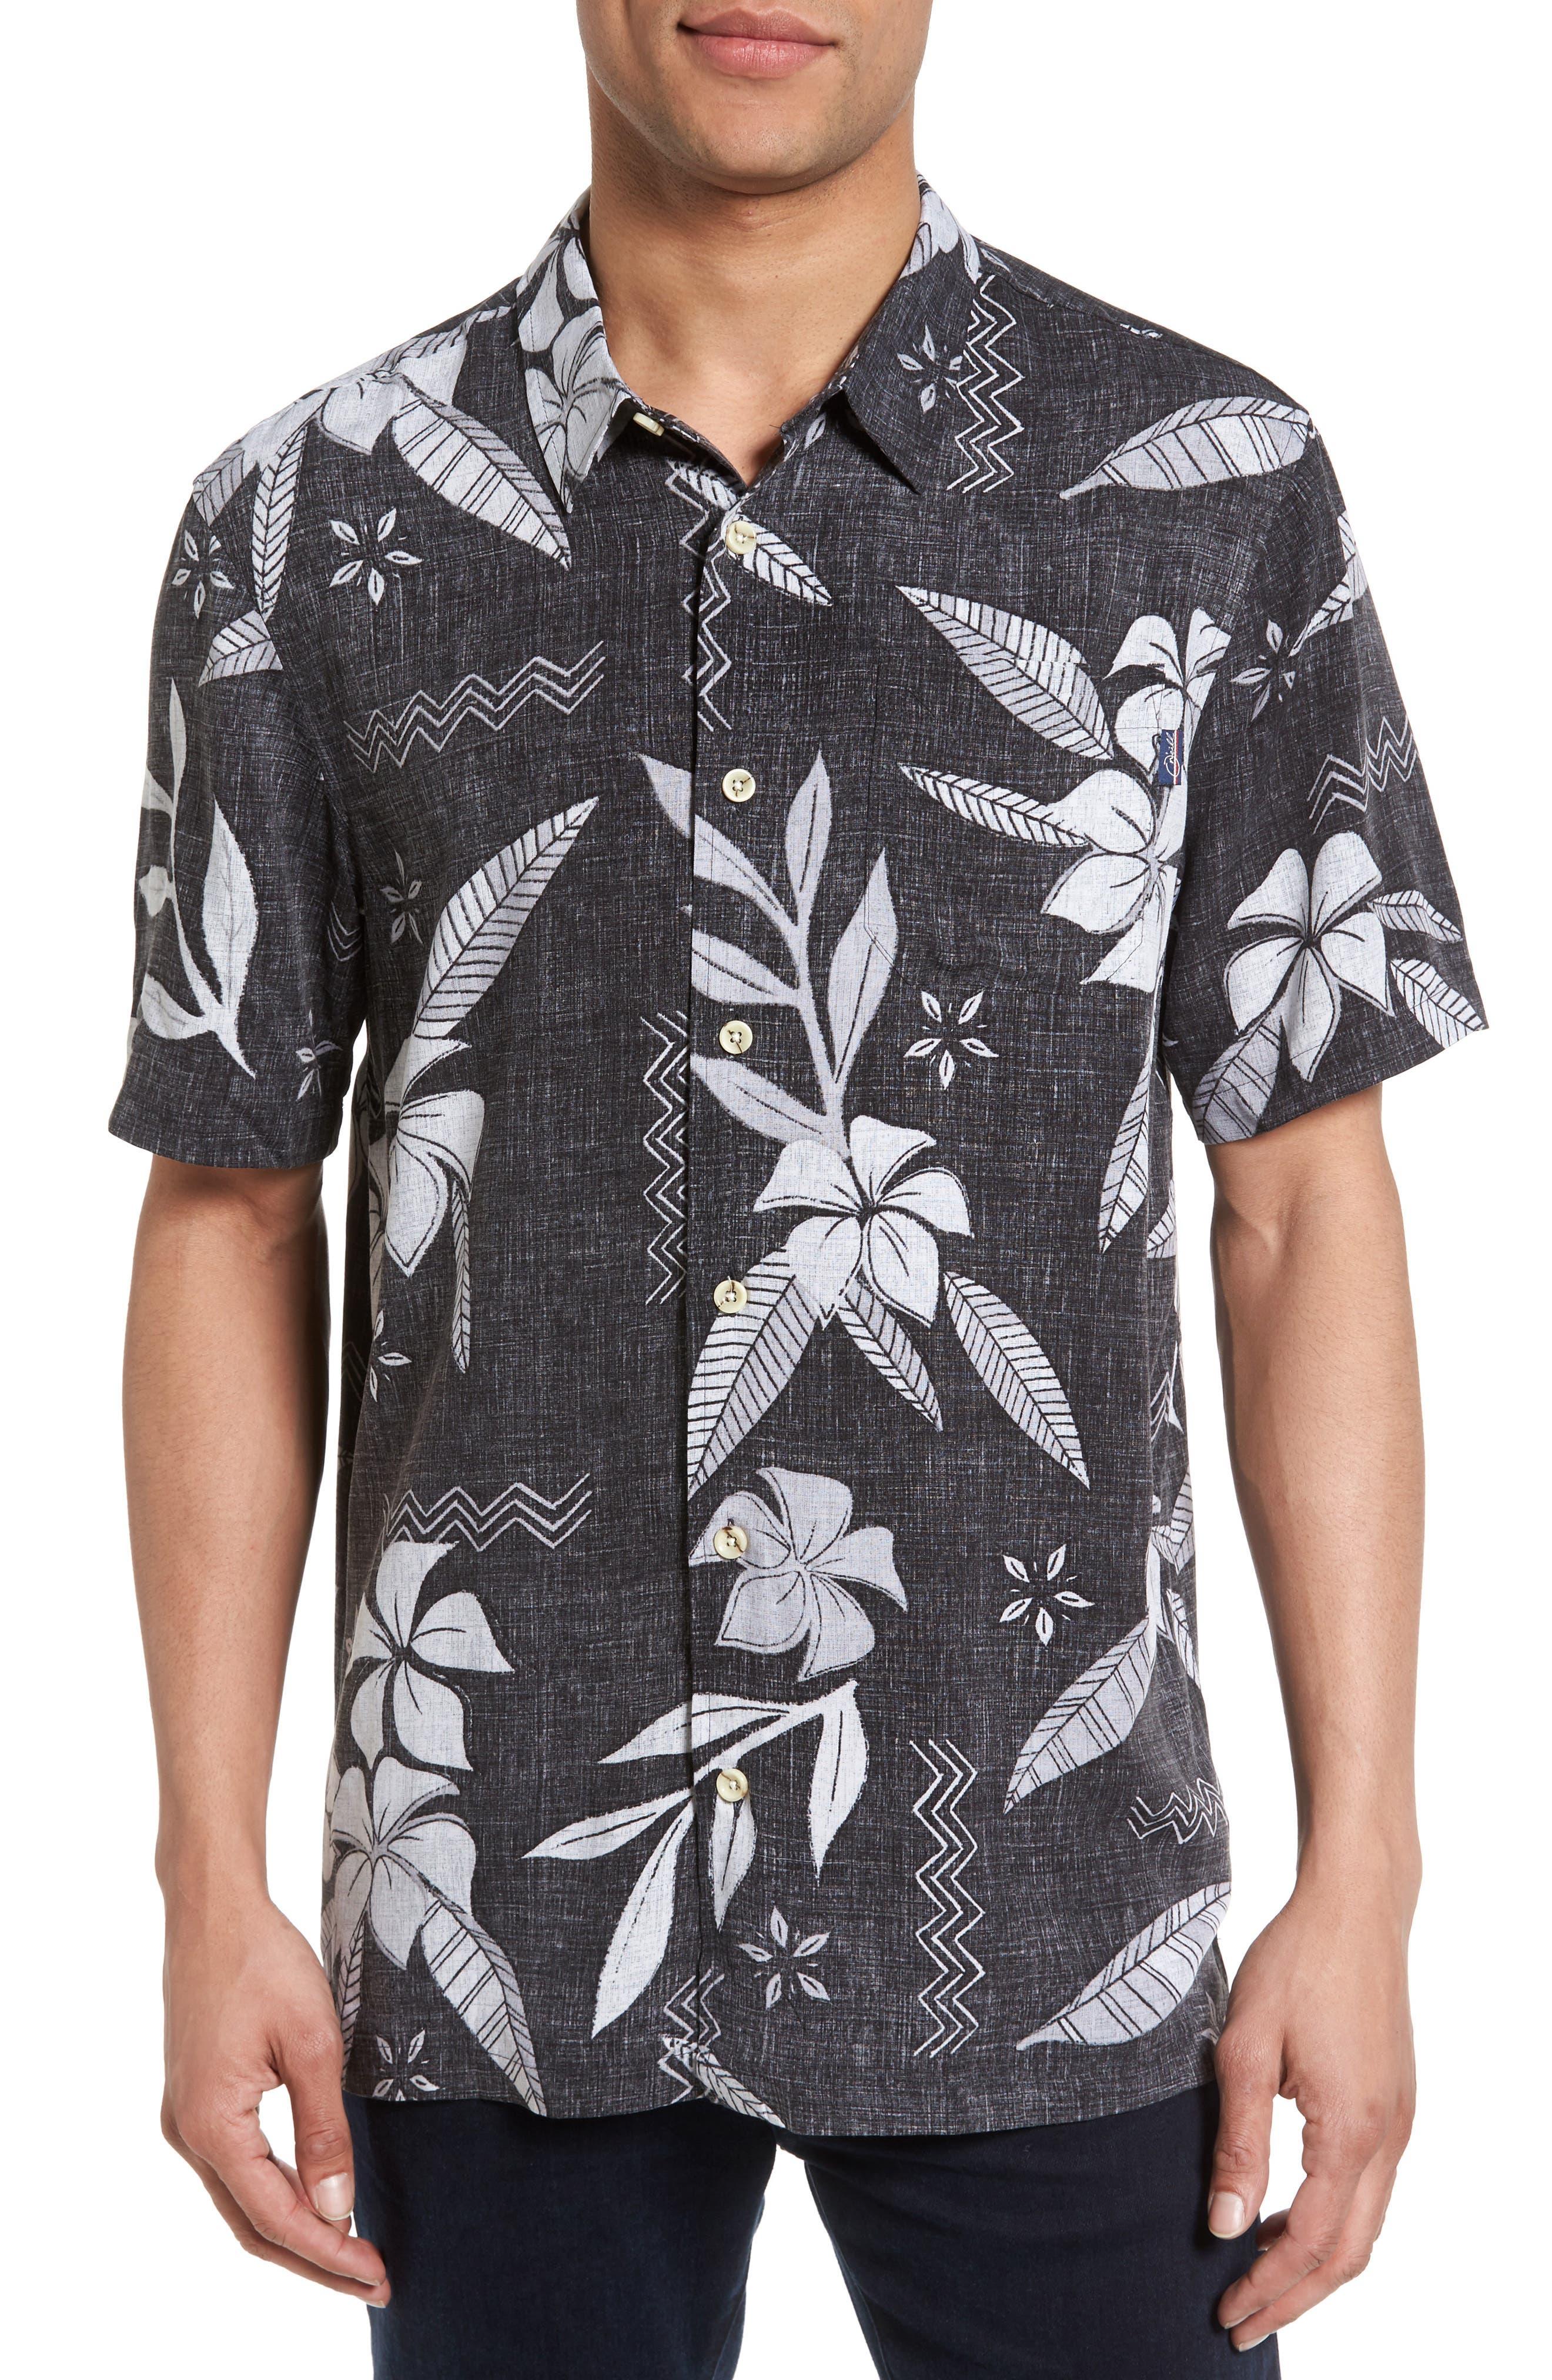 JACK ONEILL Miramar Woven Shirt